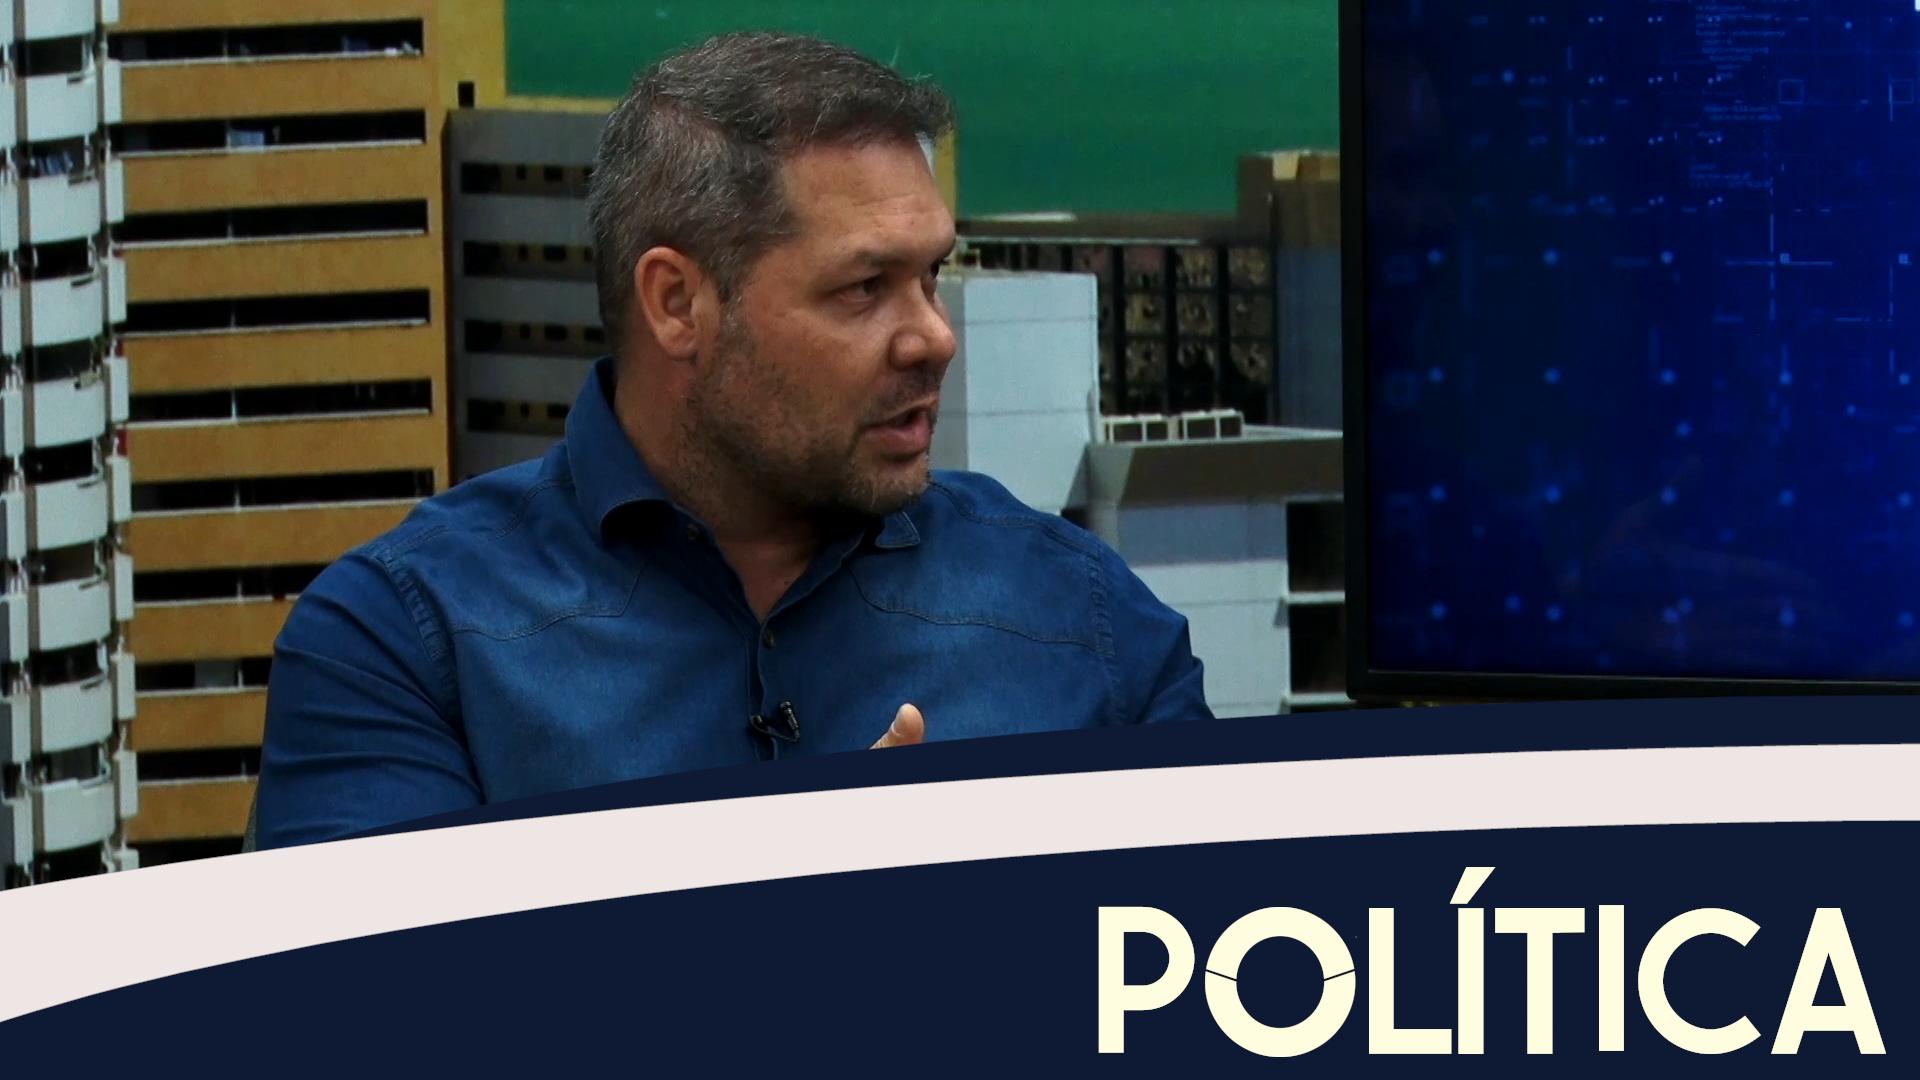 Política entrevista Deputado Federal Heitor Freire